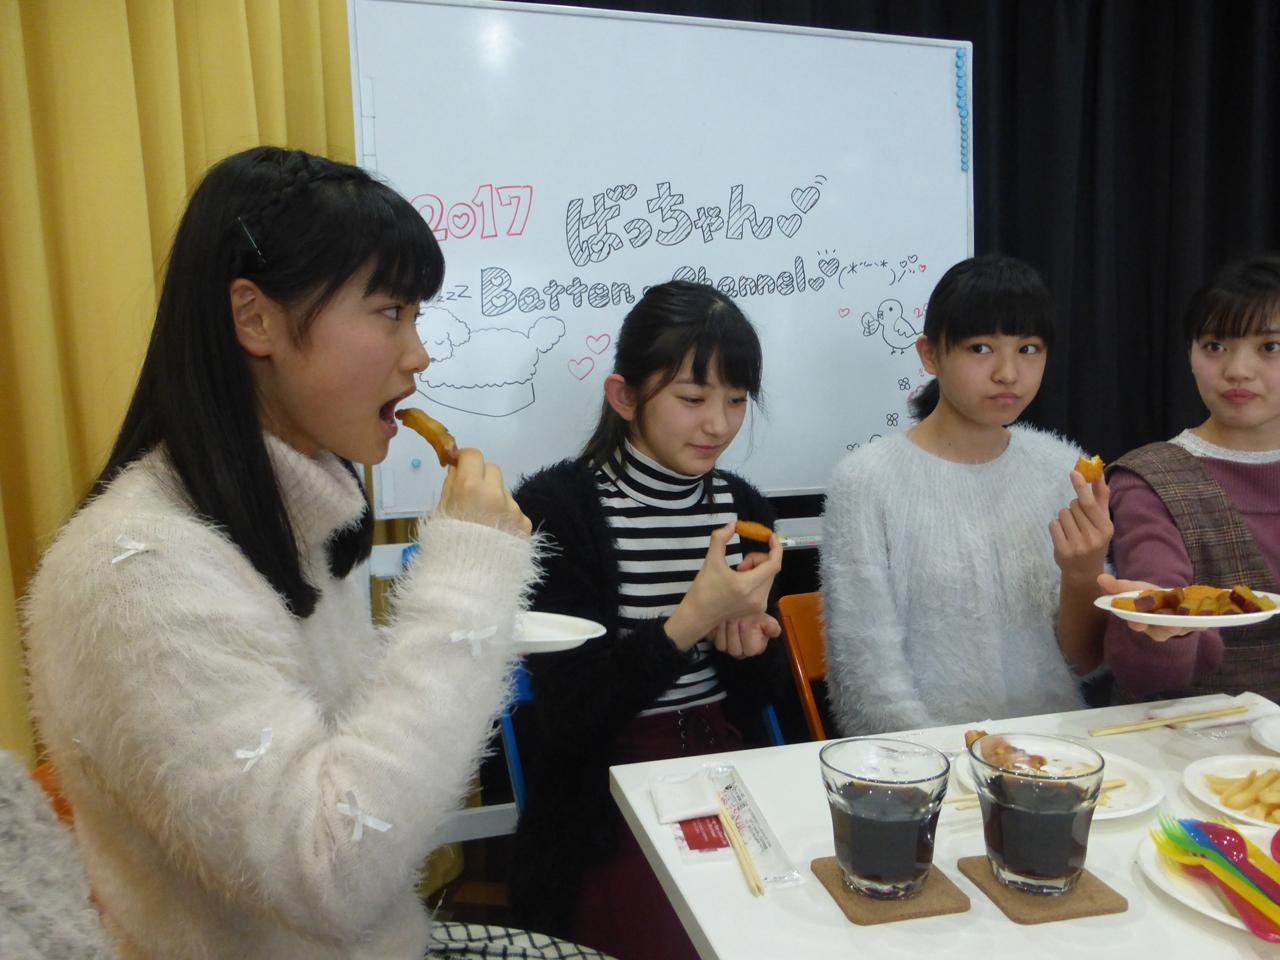 Ustreamはお昼ご飯を食べながら。(有彩/さくら/蒼良/愛)